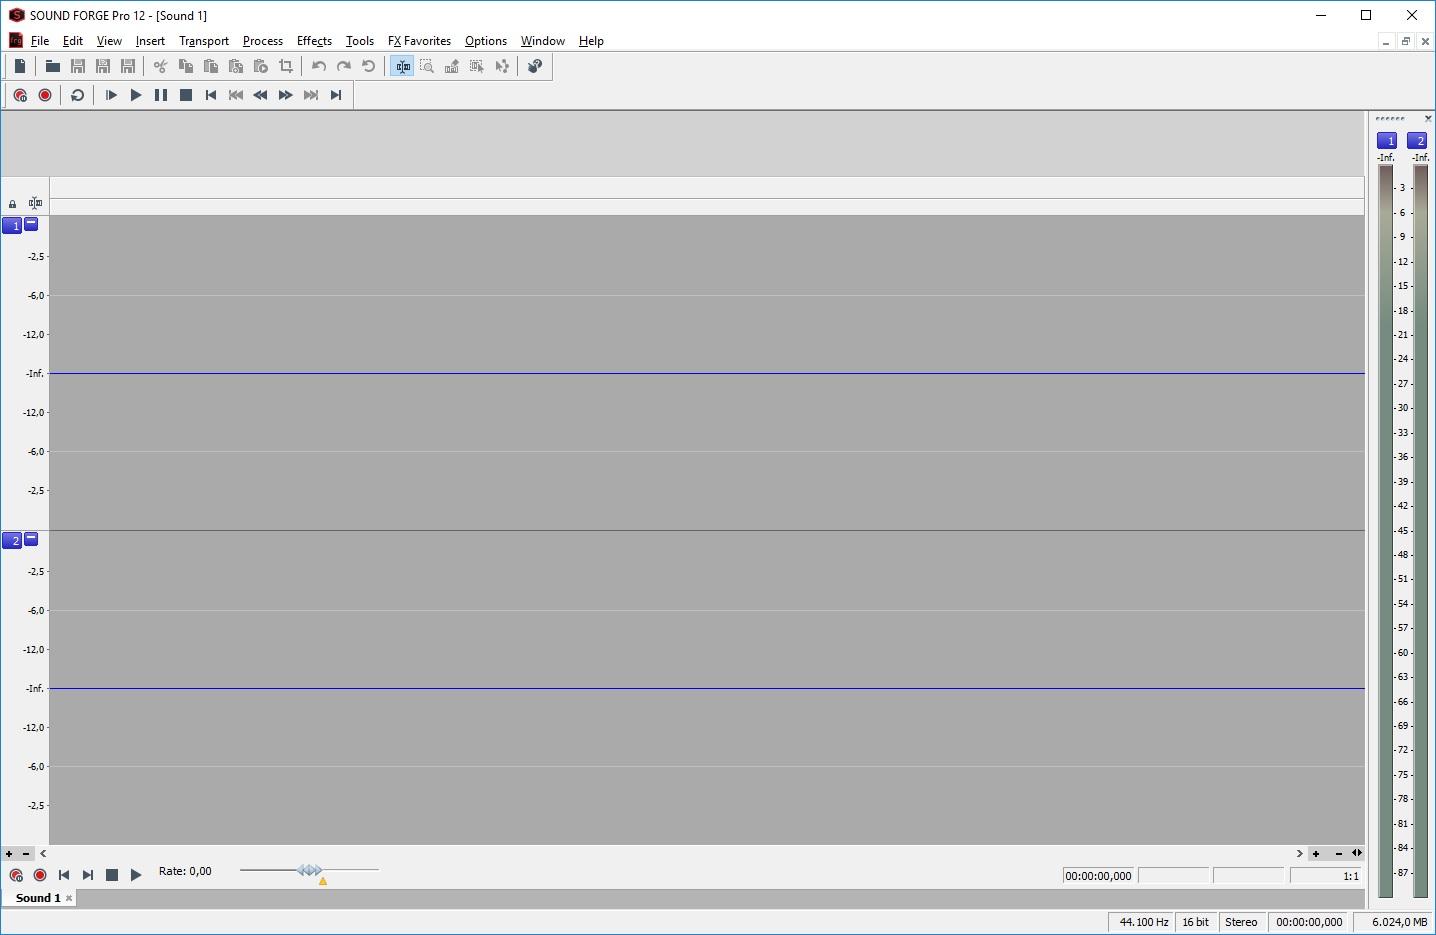 MAGIX SOUND FORGE Pro v13.0.0.76 - ENG